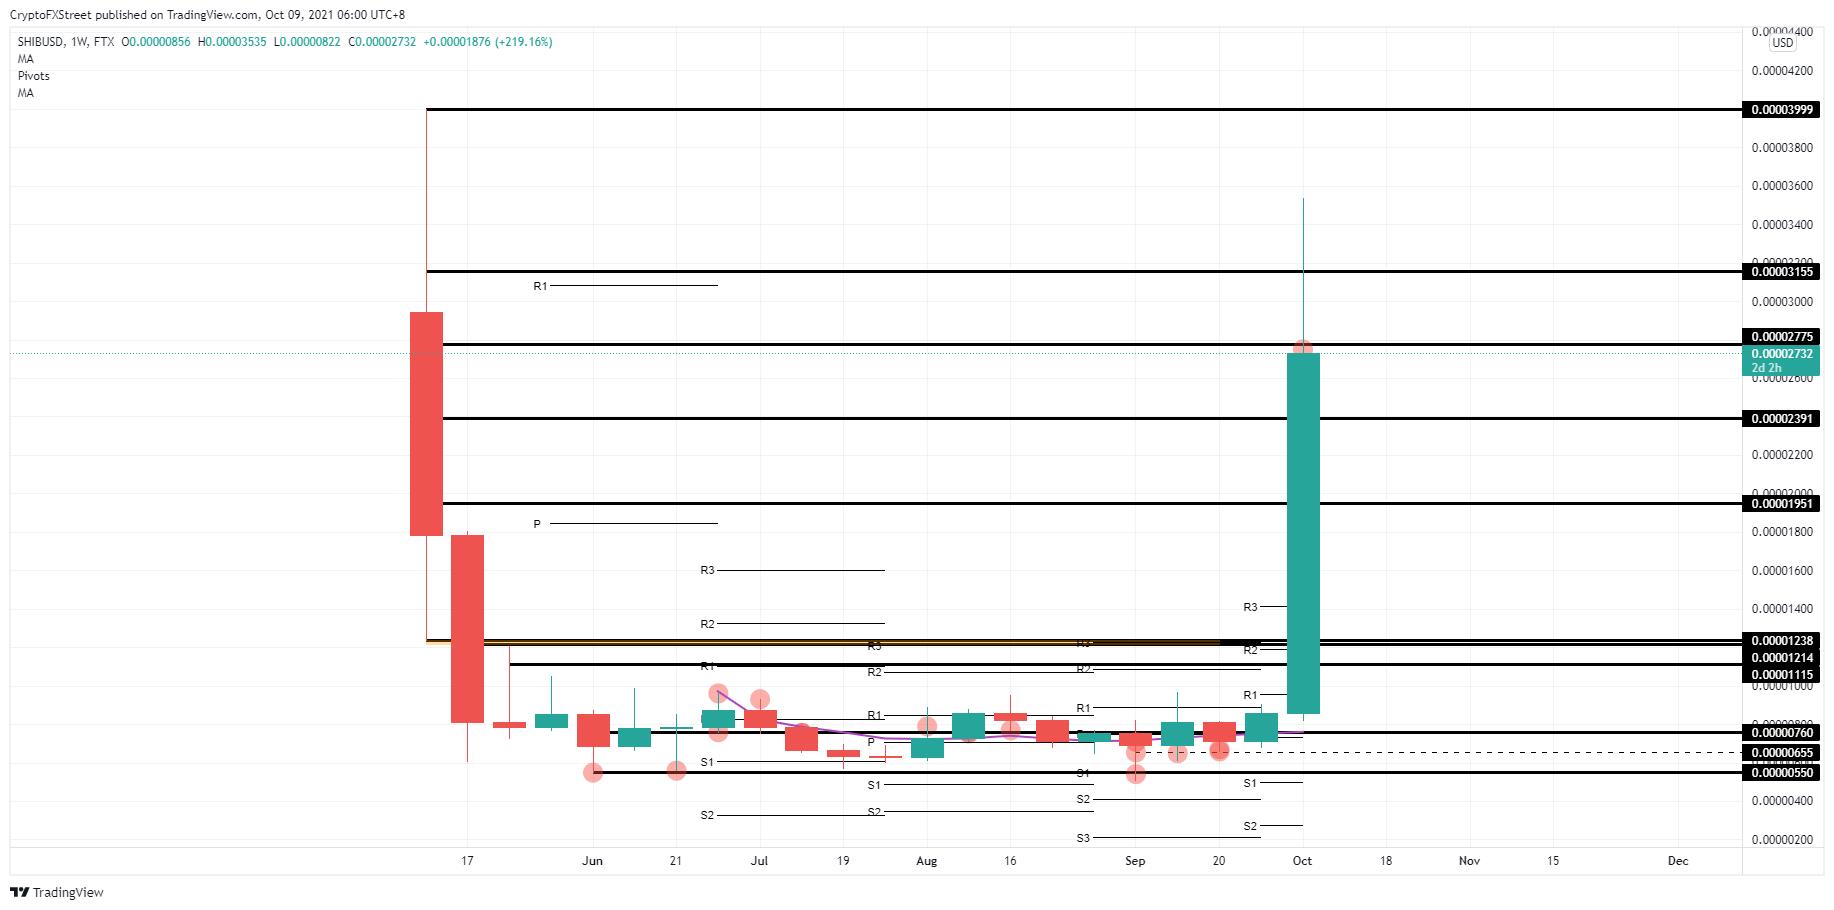 SHIB/USD weekly chart